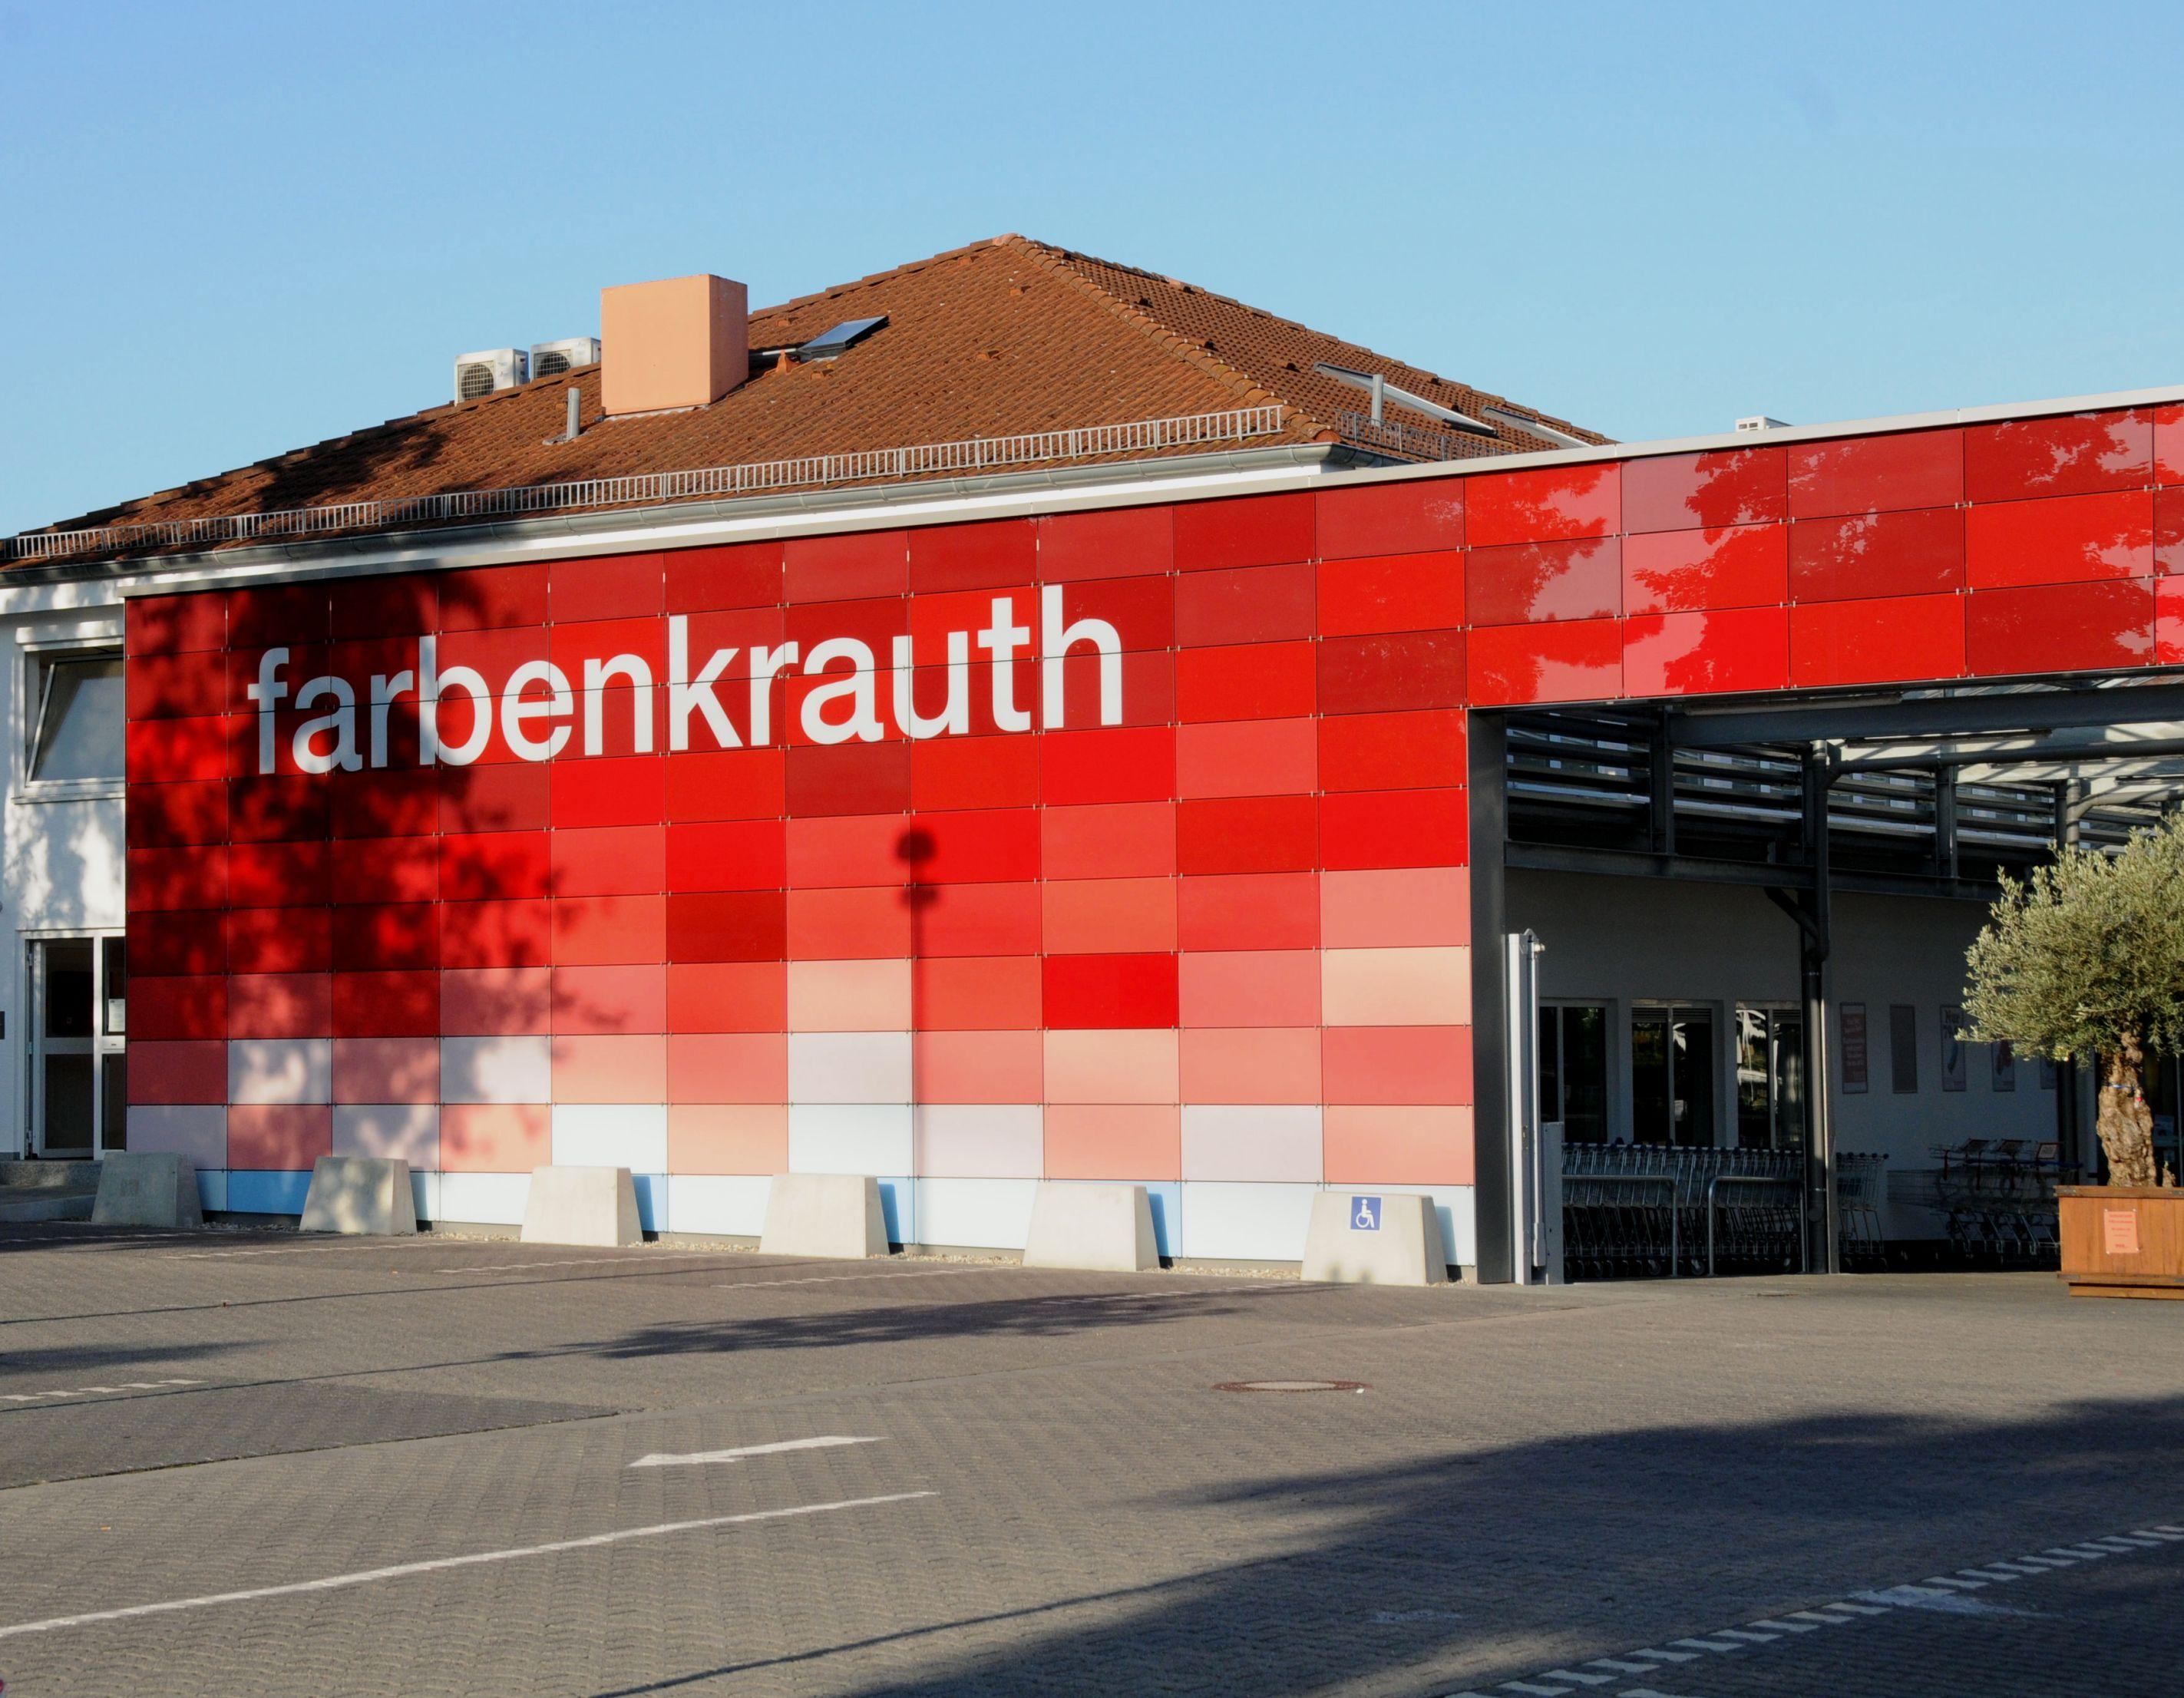 farbenkrauth Baumarkt